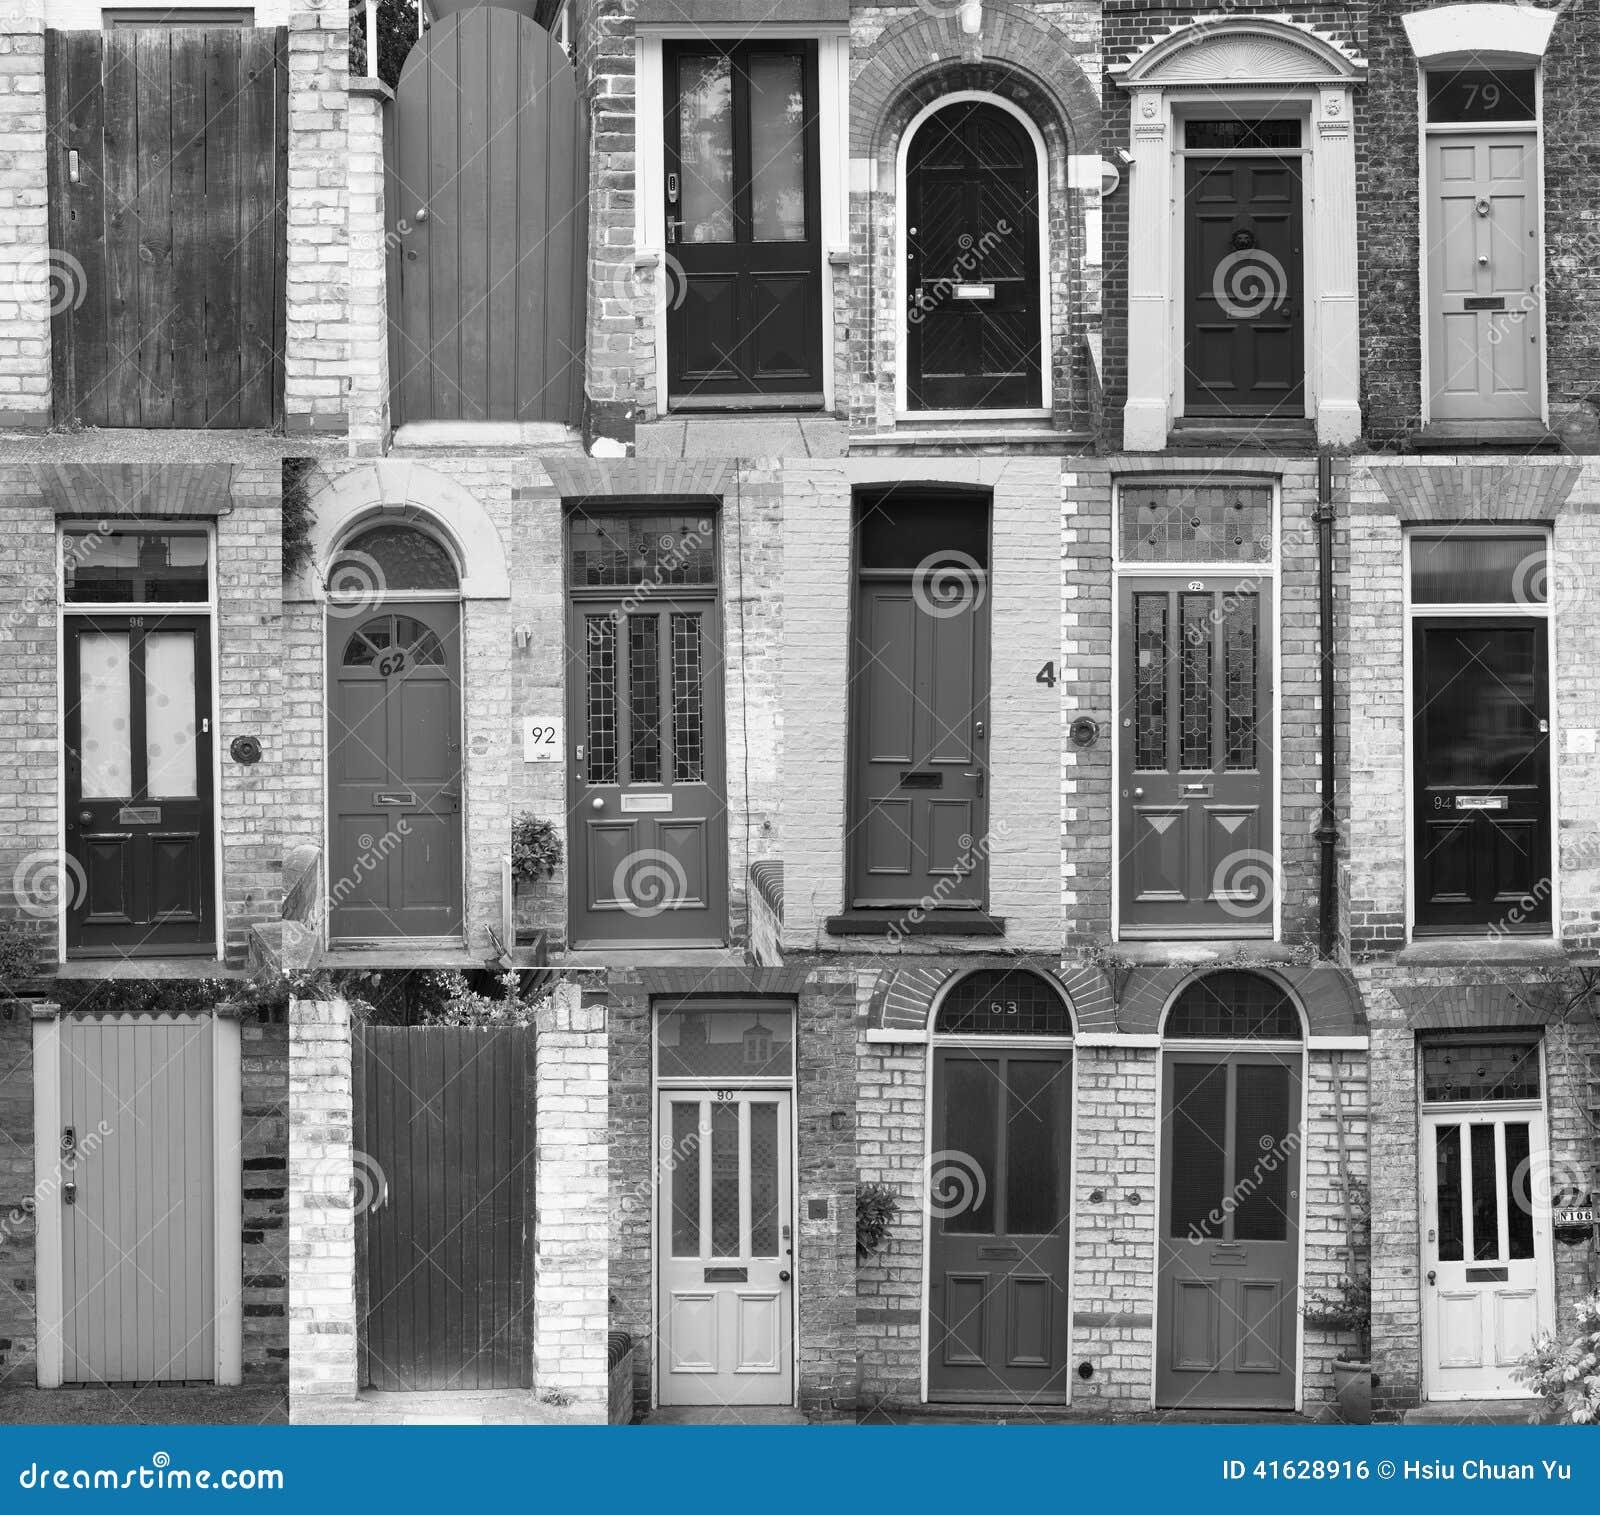 Immagine di sfondo delle porte nel tono bianco nero